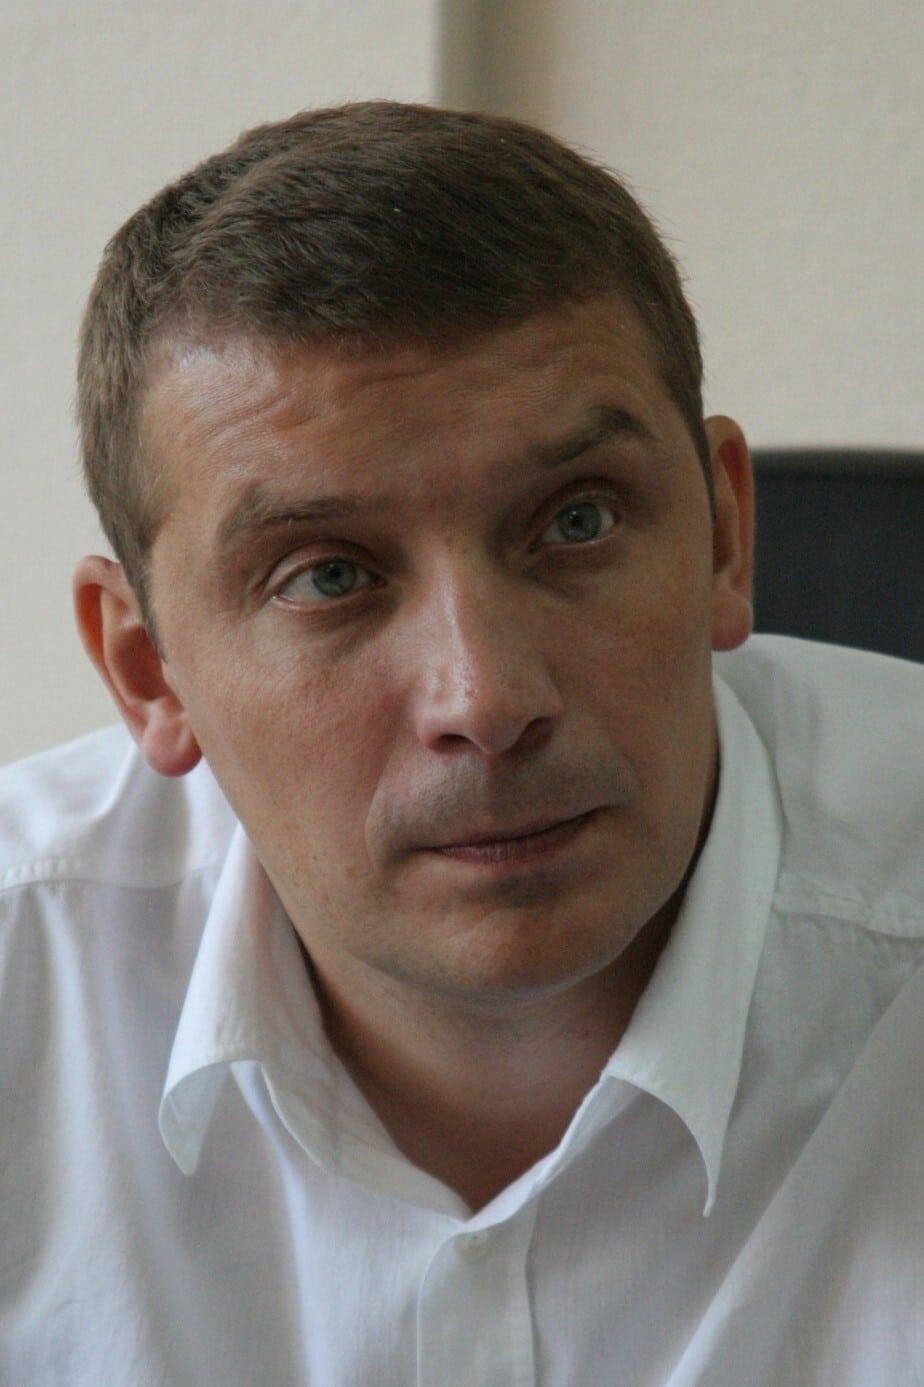 Vladislav Ryashin